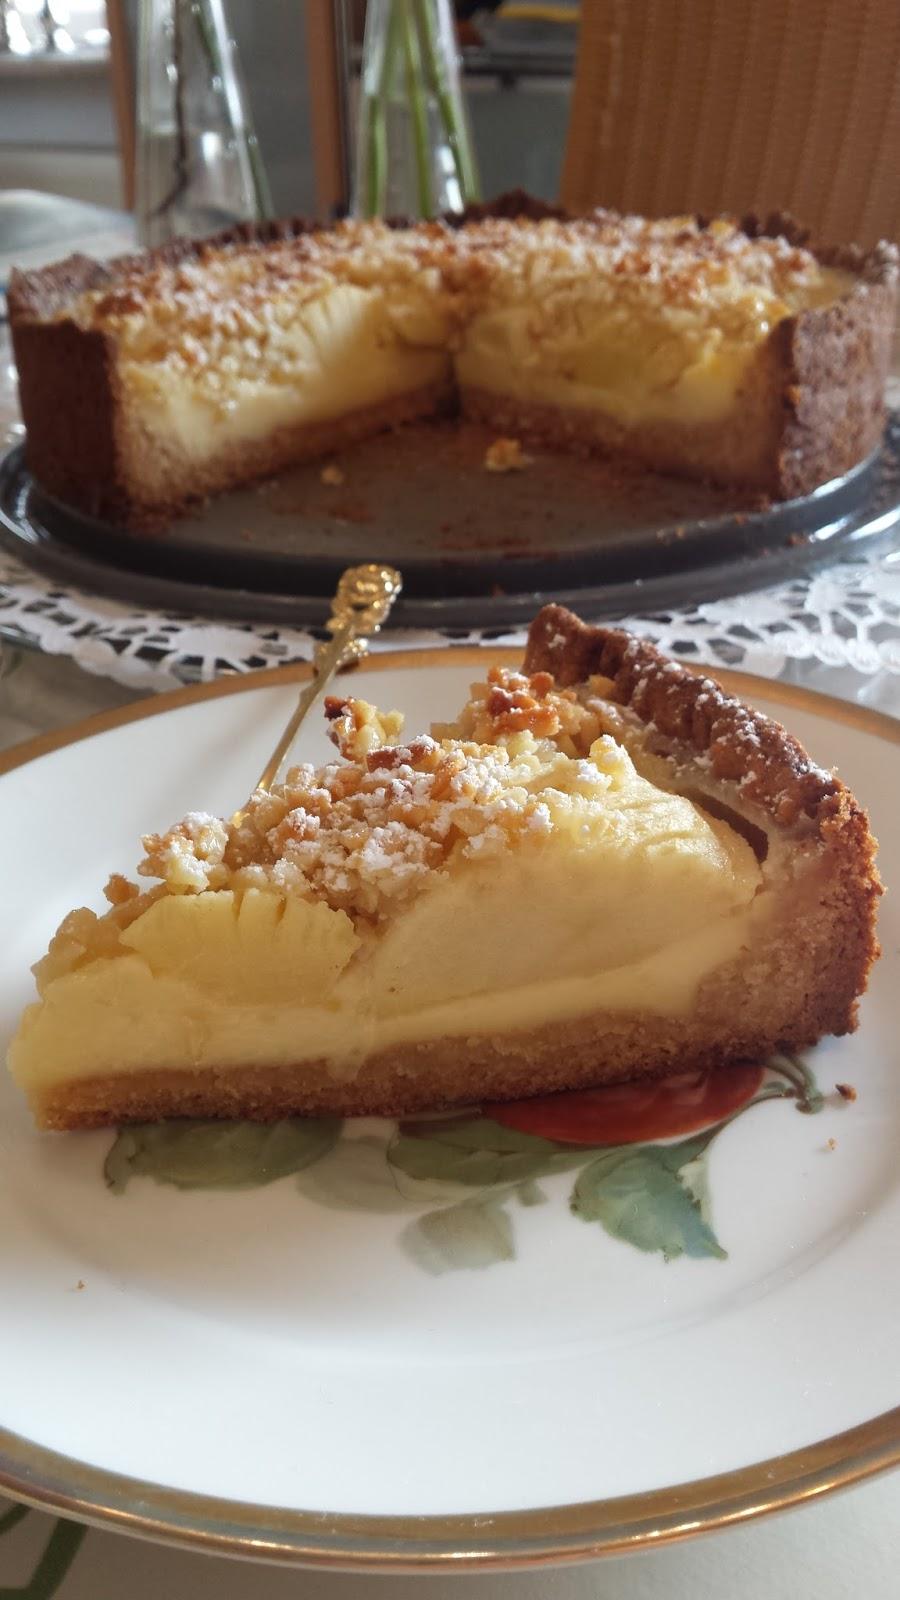 Eleonores Leckereien Apfel Marzipan Mandelkuchen